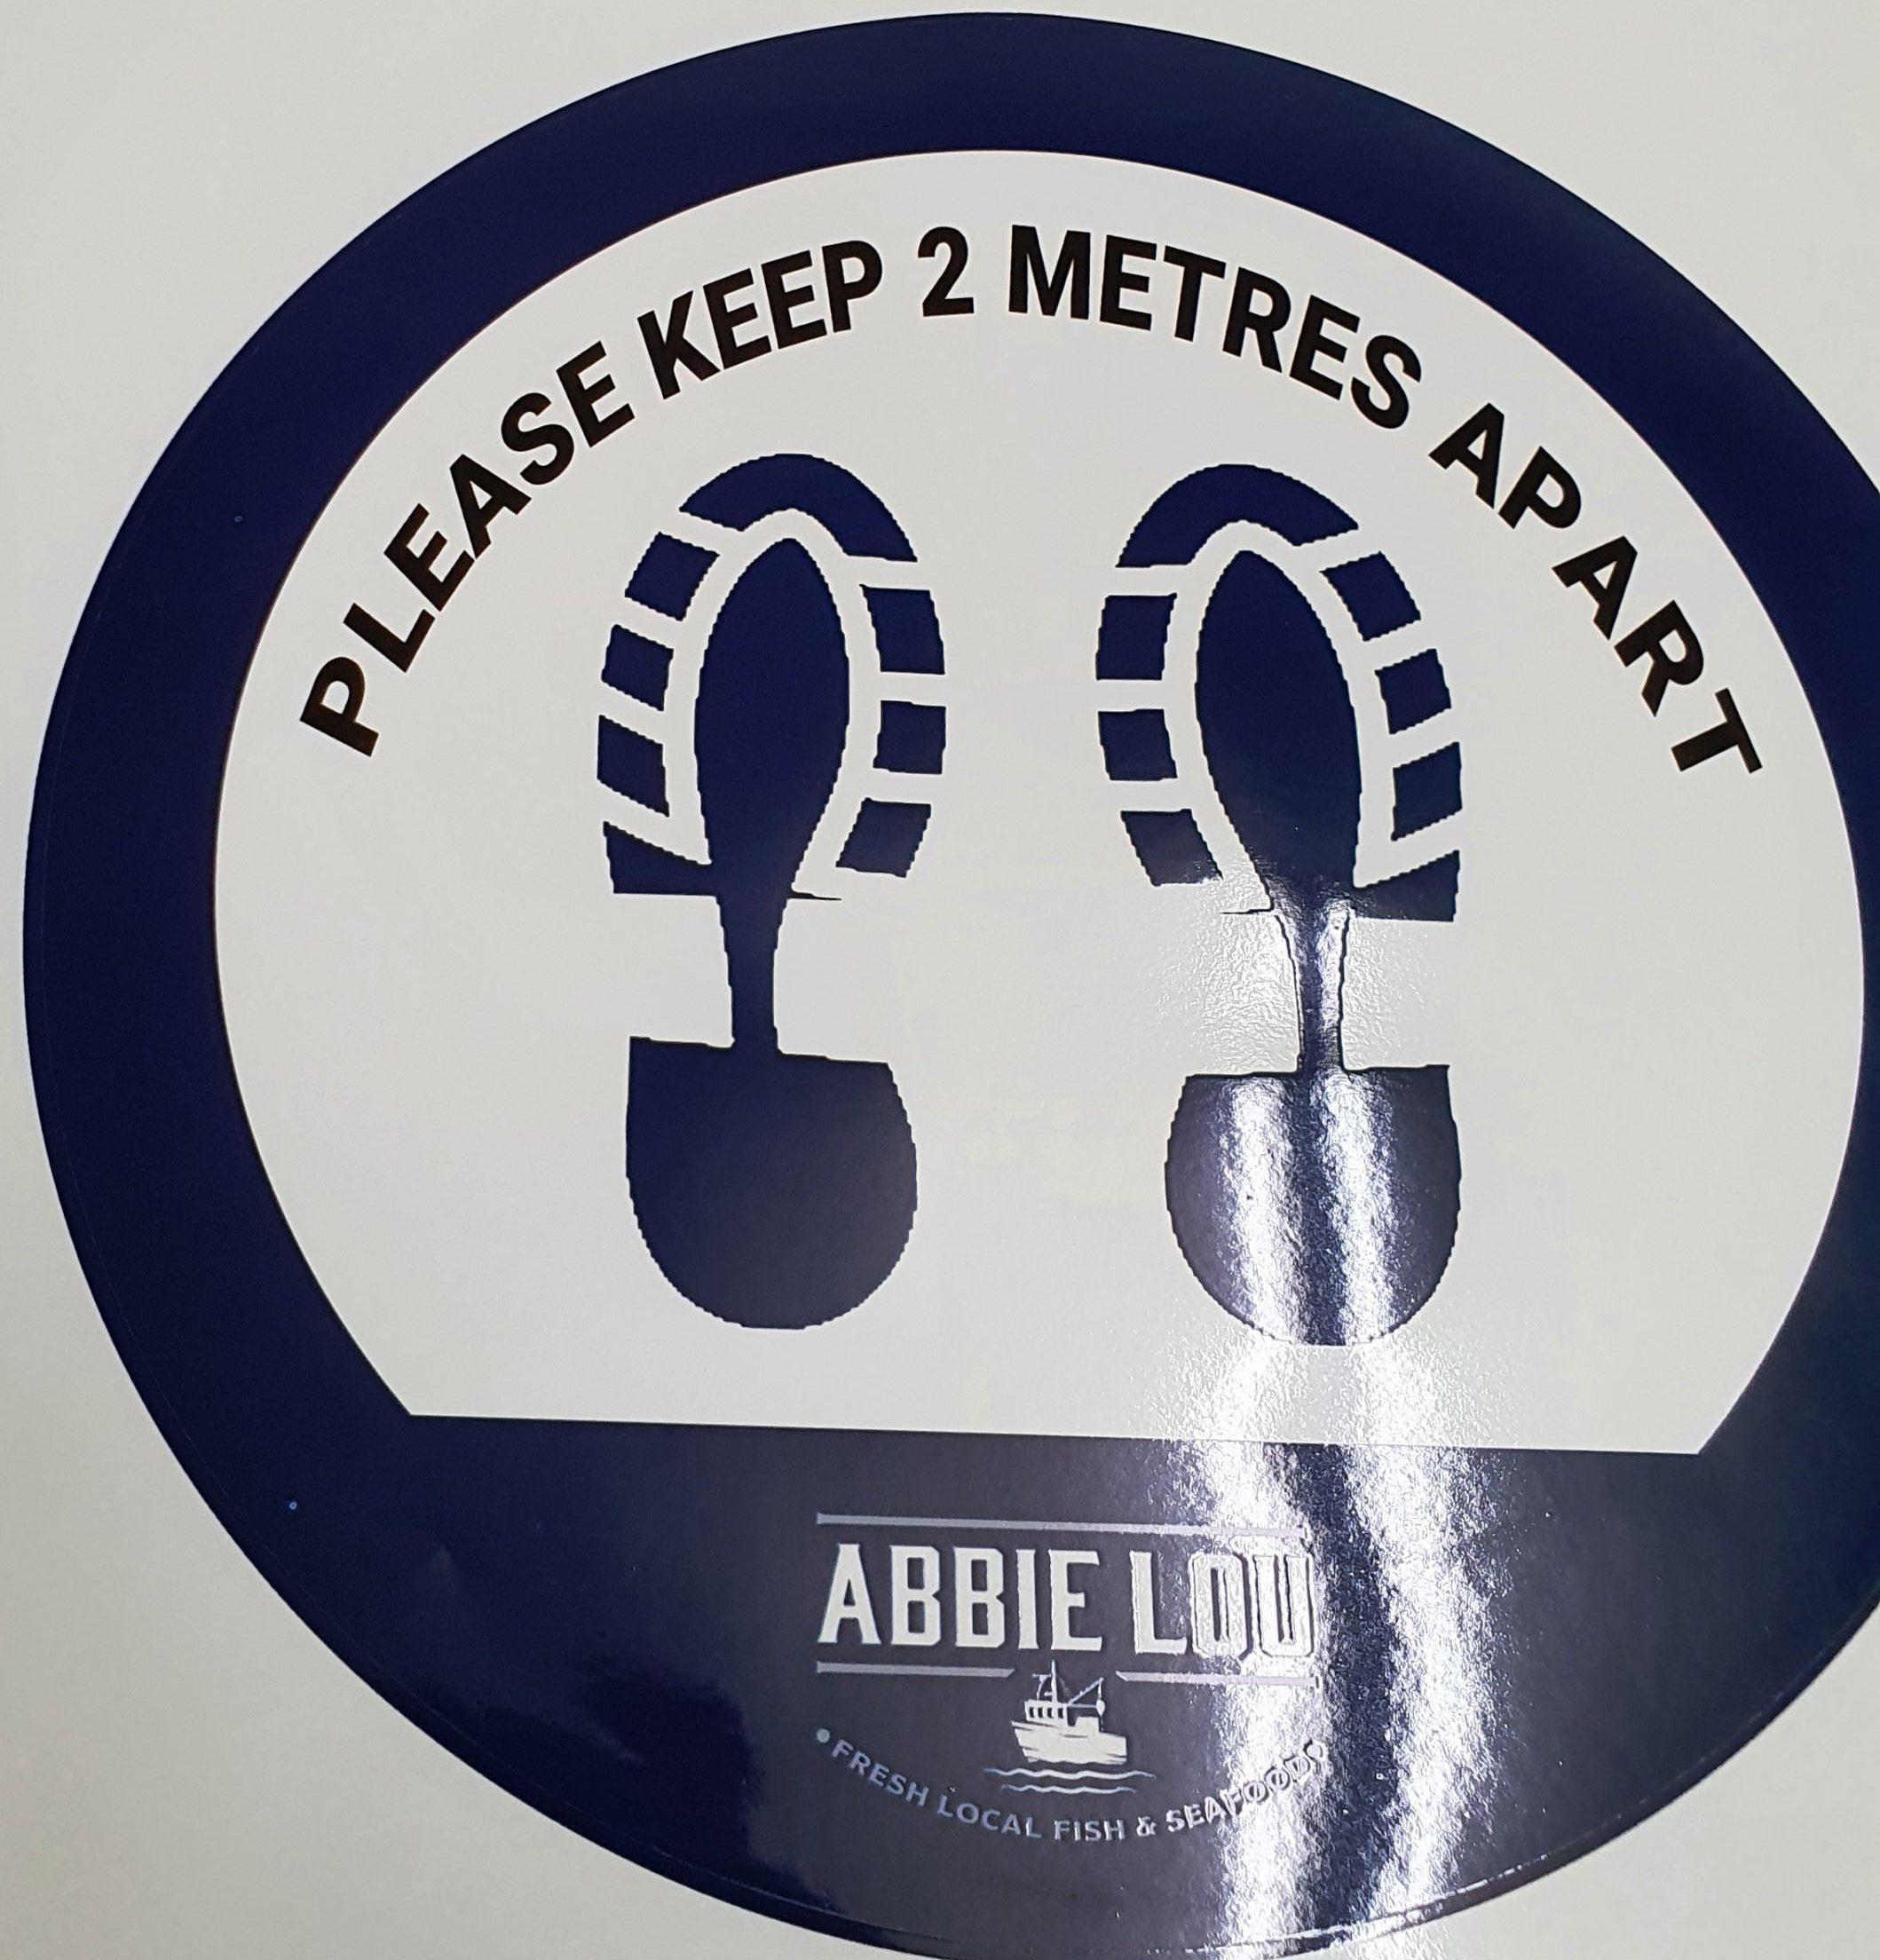 2 metres apart floor sticker